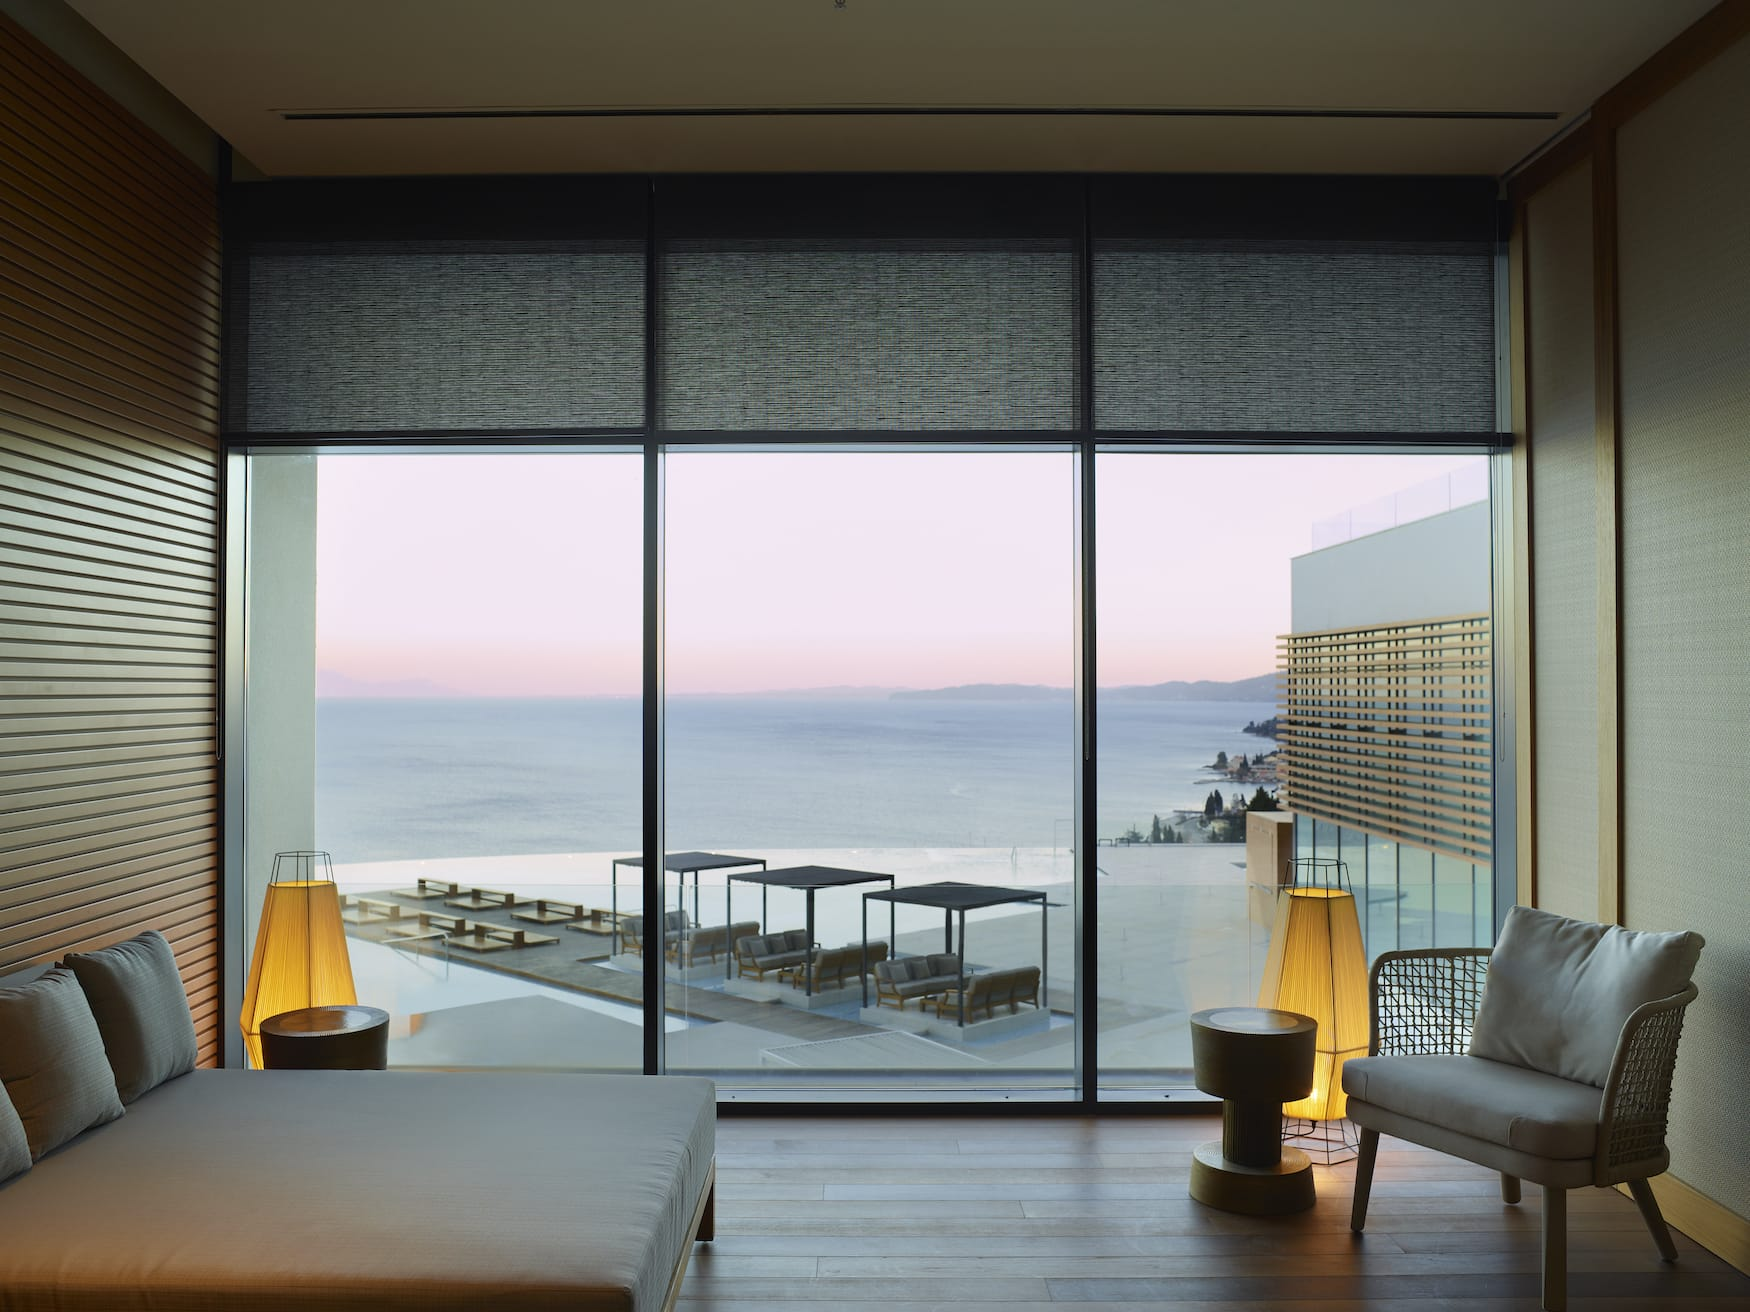 Luxuriöses Hotelzimmer des Angsana Corfu Resort & Spa mit Blick auf den Sonnenuntergang überm Horizont